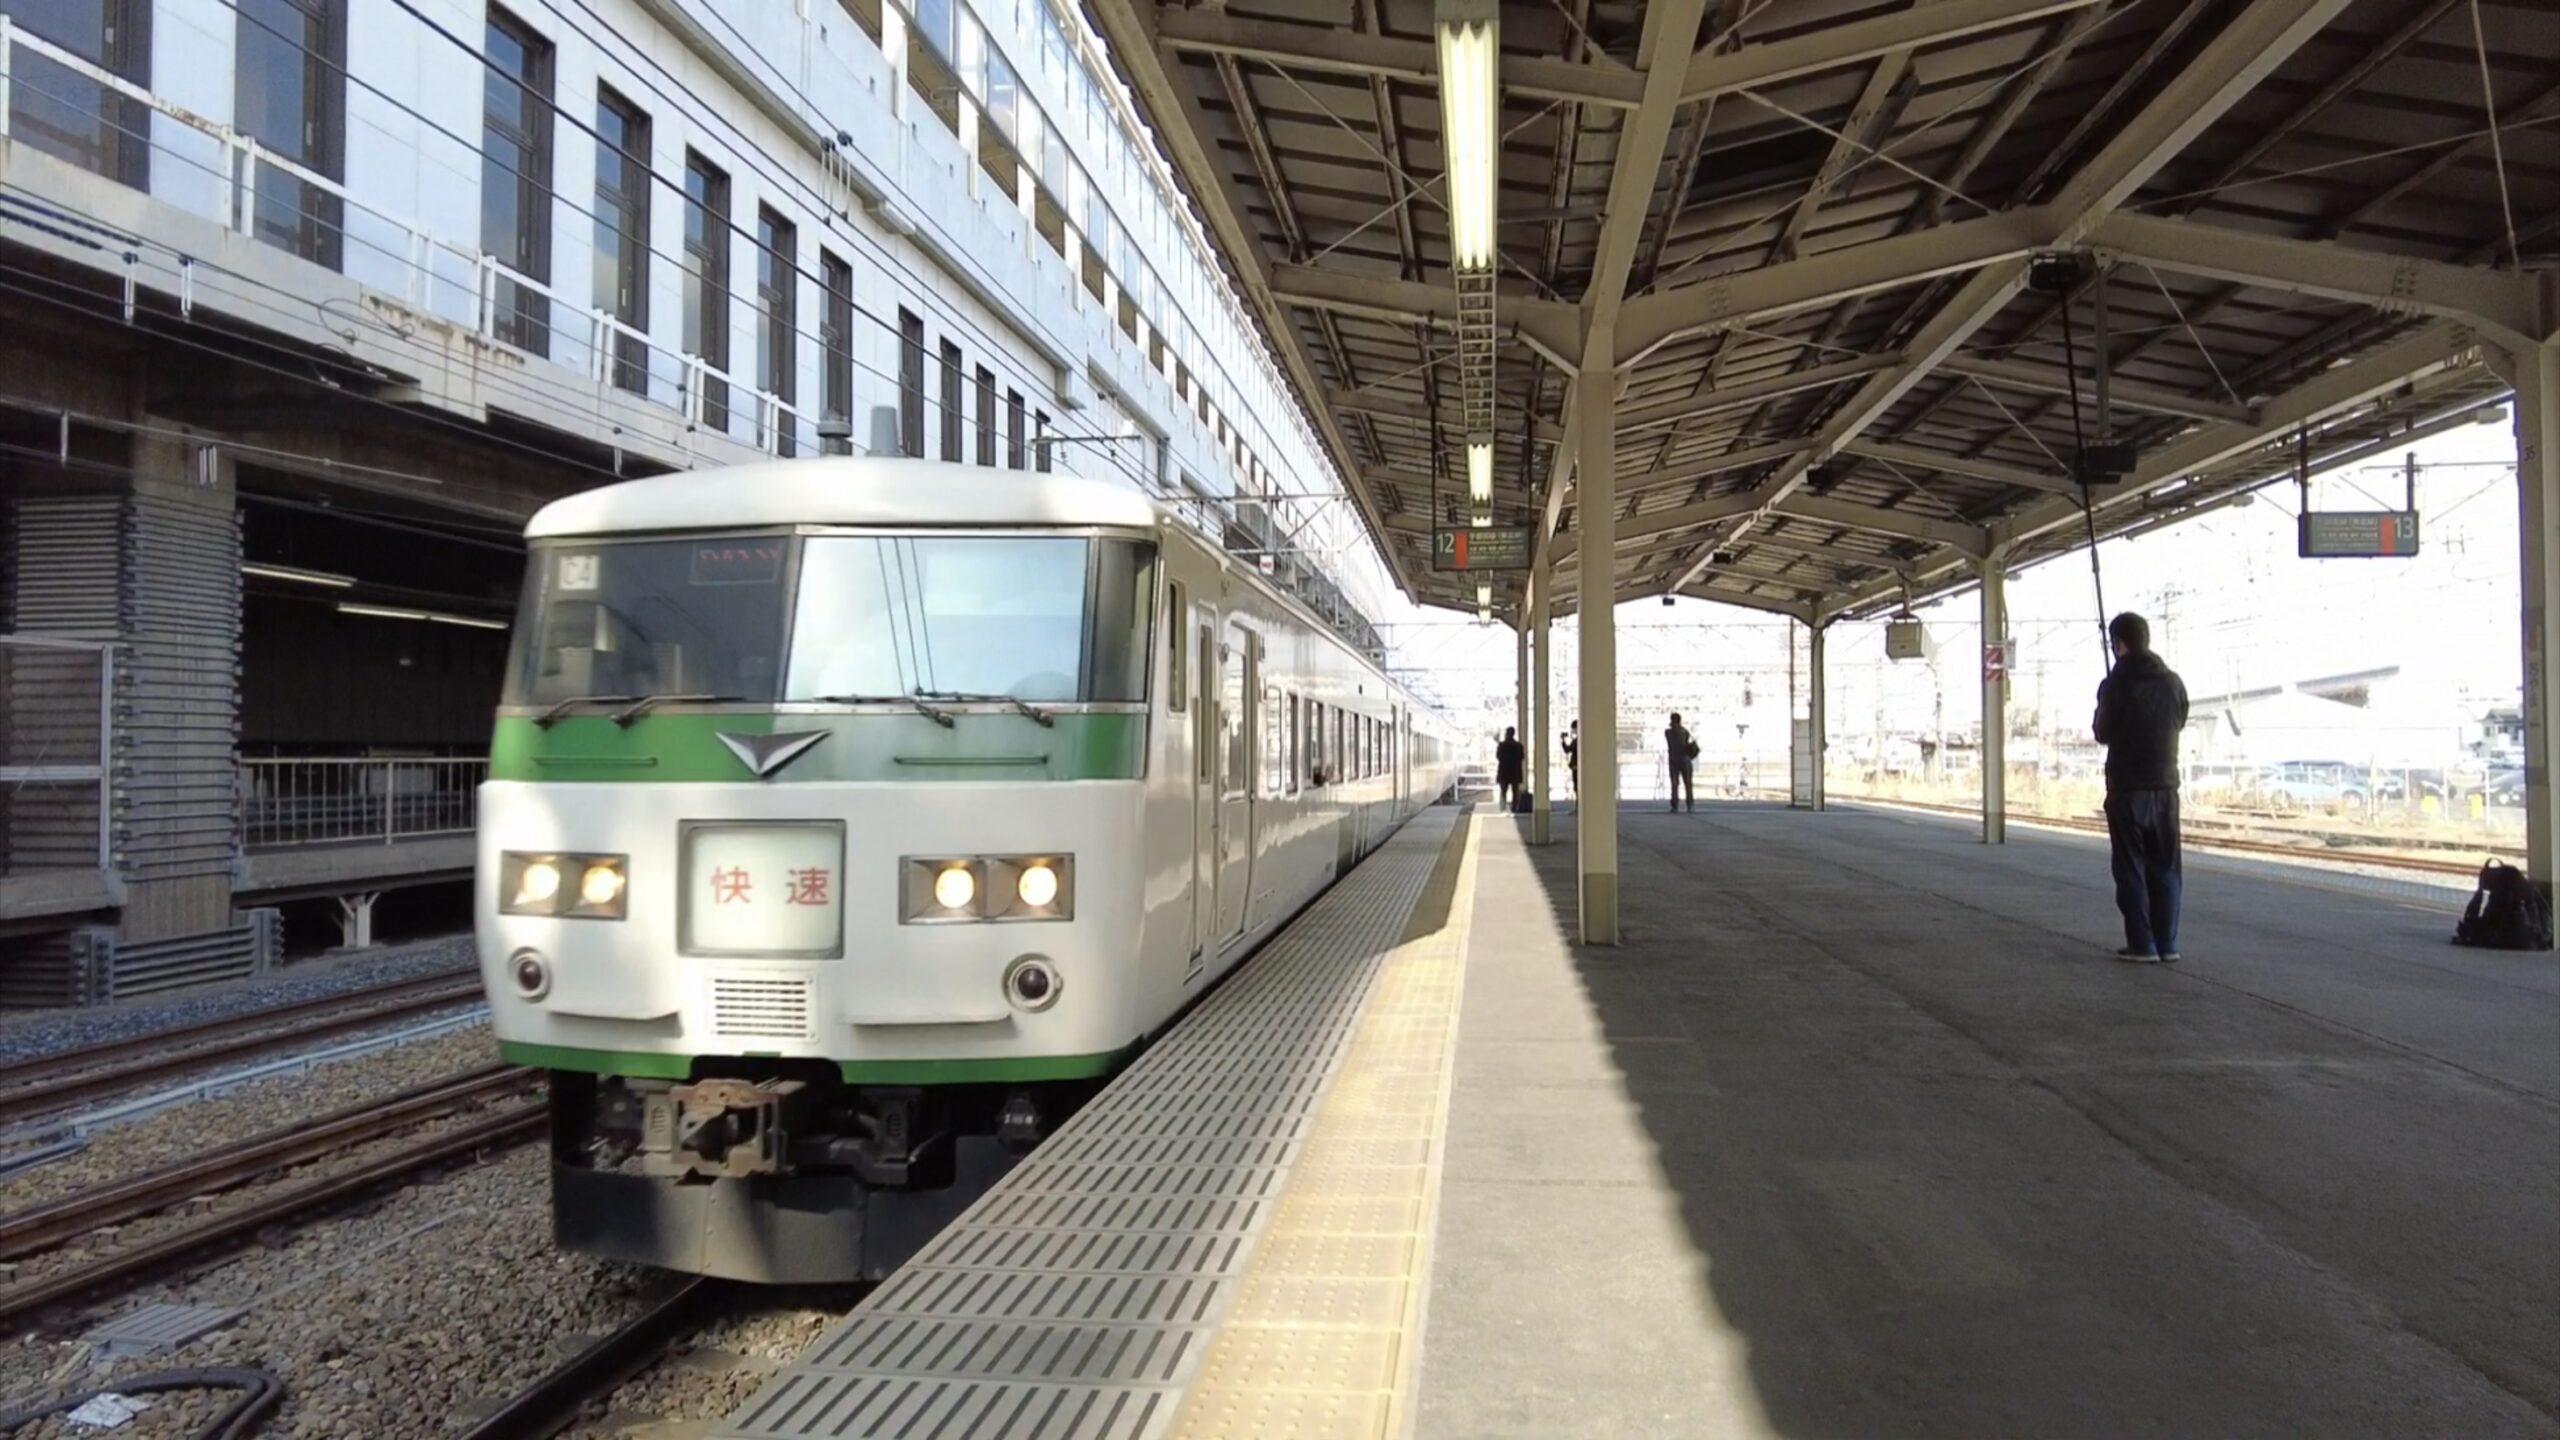 2/13(土)発生 福島県沖地震に関する鉄道ニュース 2021 <14日昼14時-夜21時までのまとめ></noscript><img class=